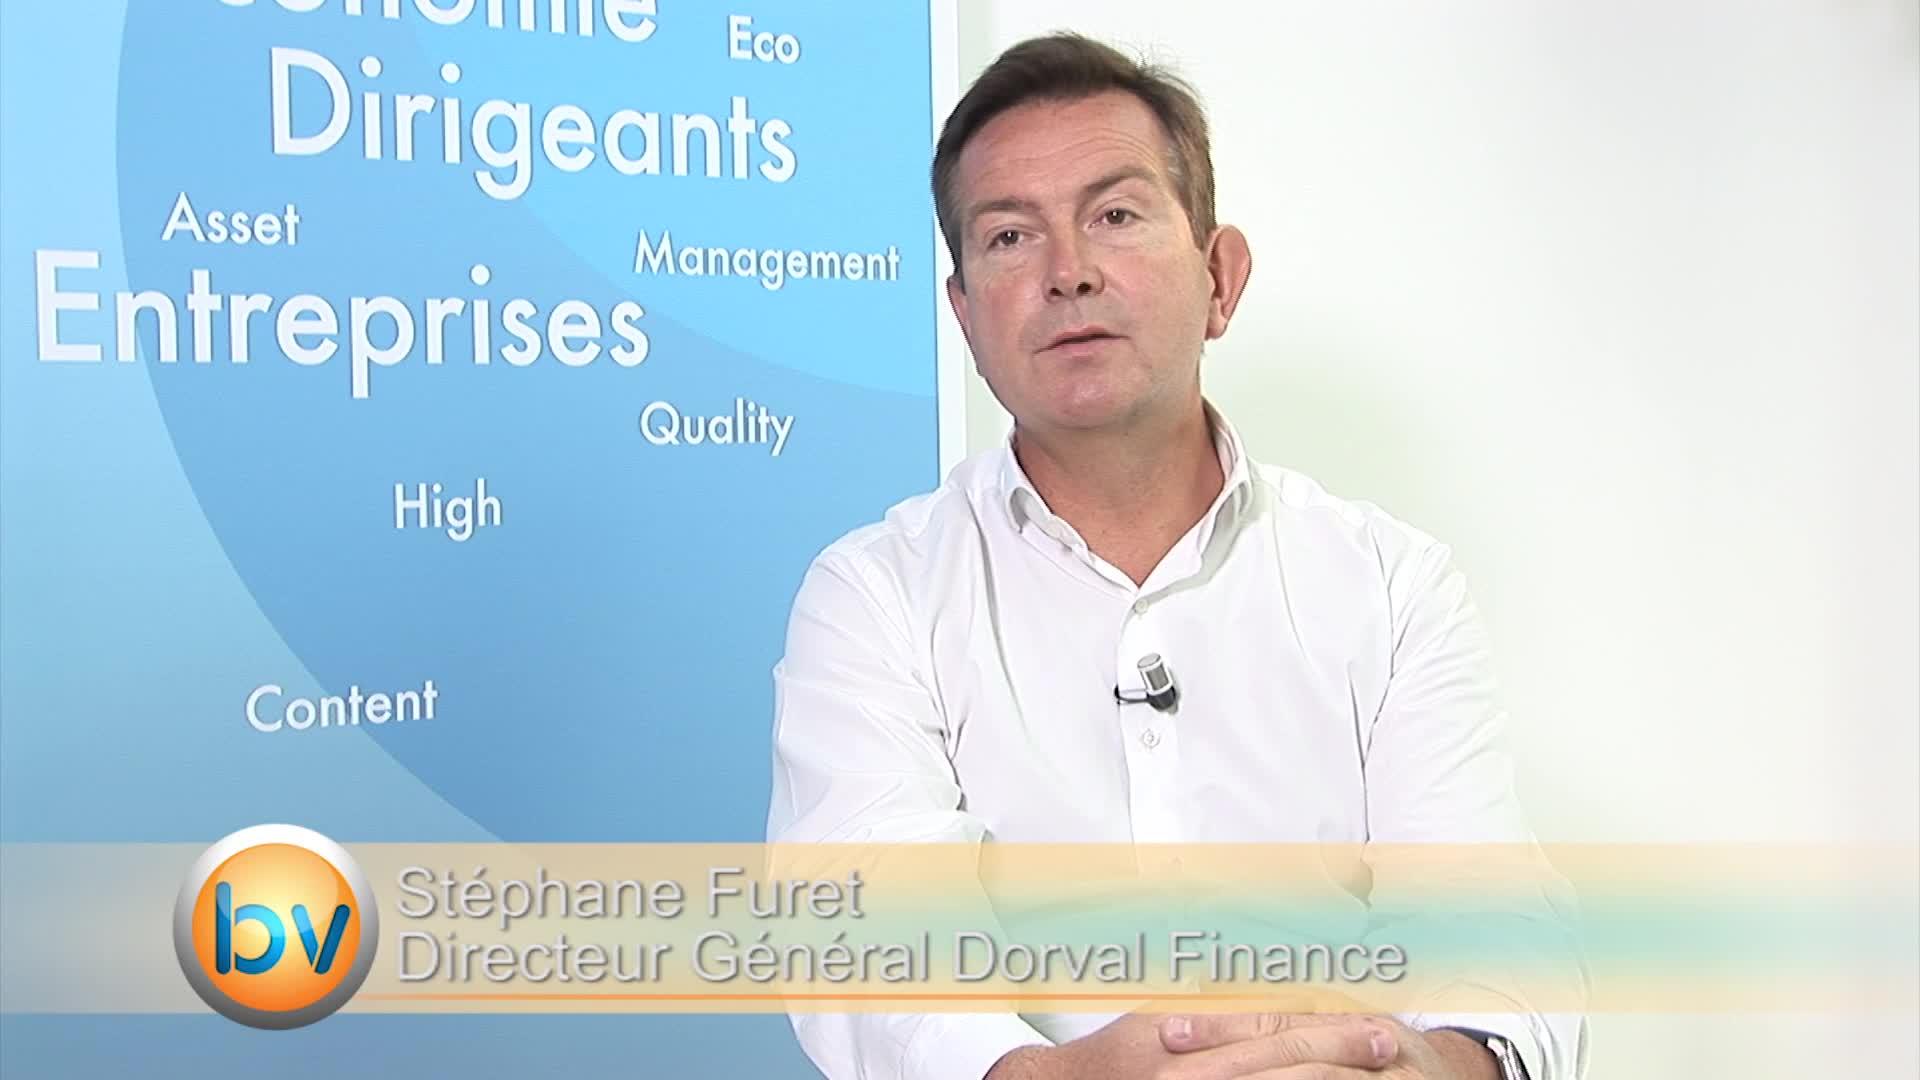 Stéphane Furet Directeur Général Dorval Finance : «Sur l'Europe, bonne fenêtre d'opportunités»